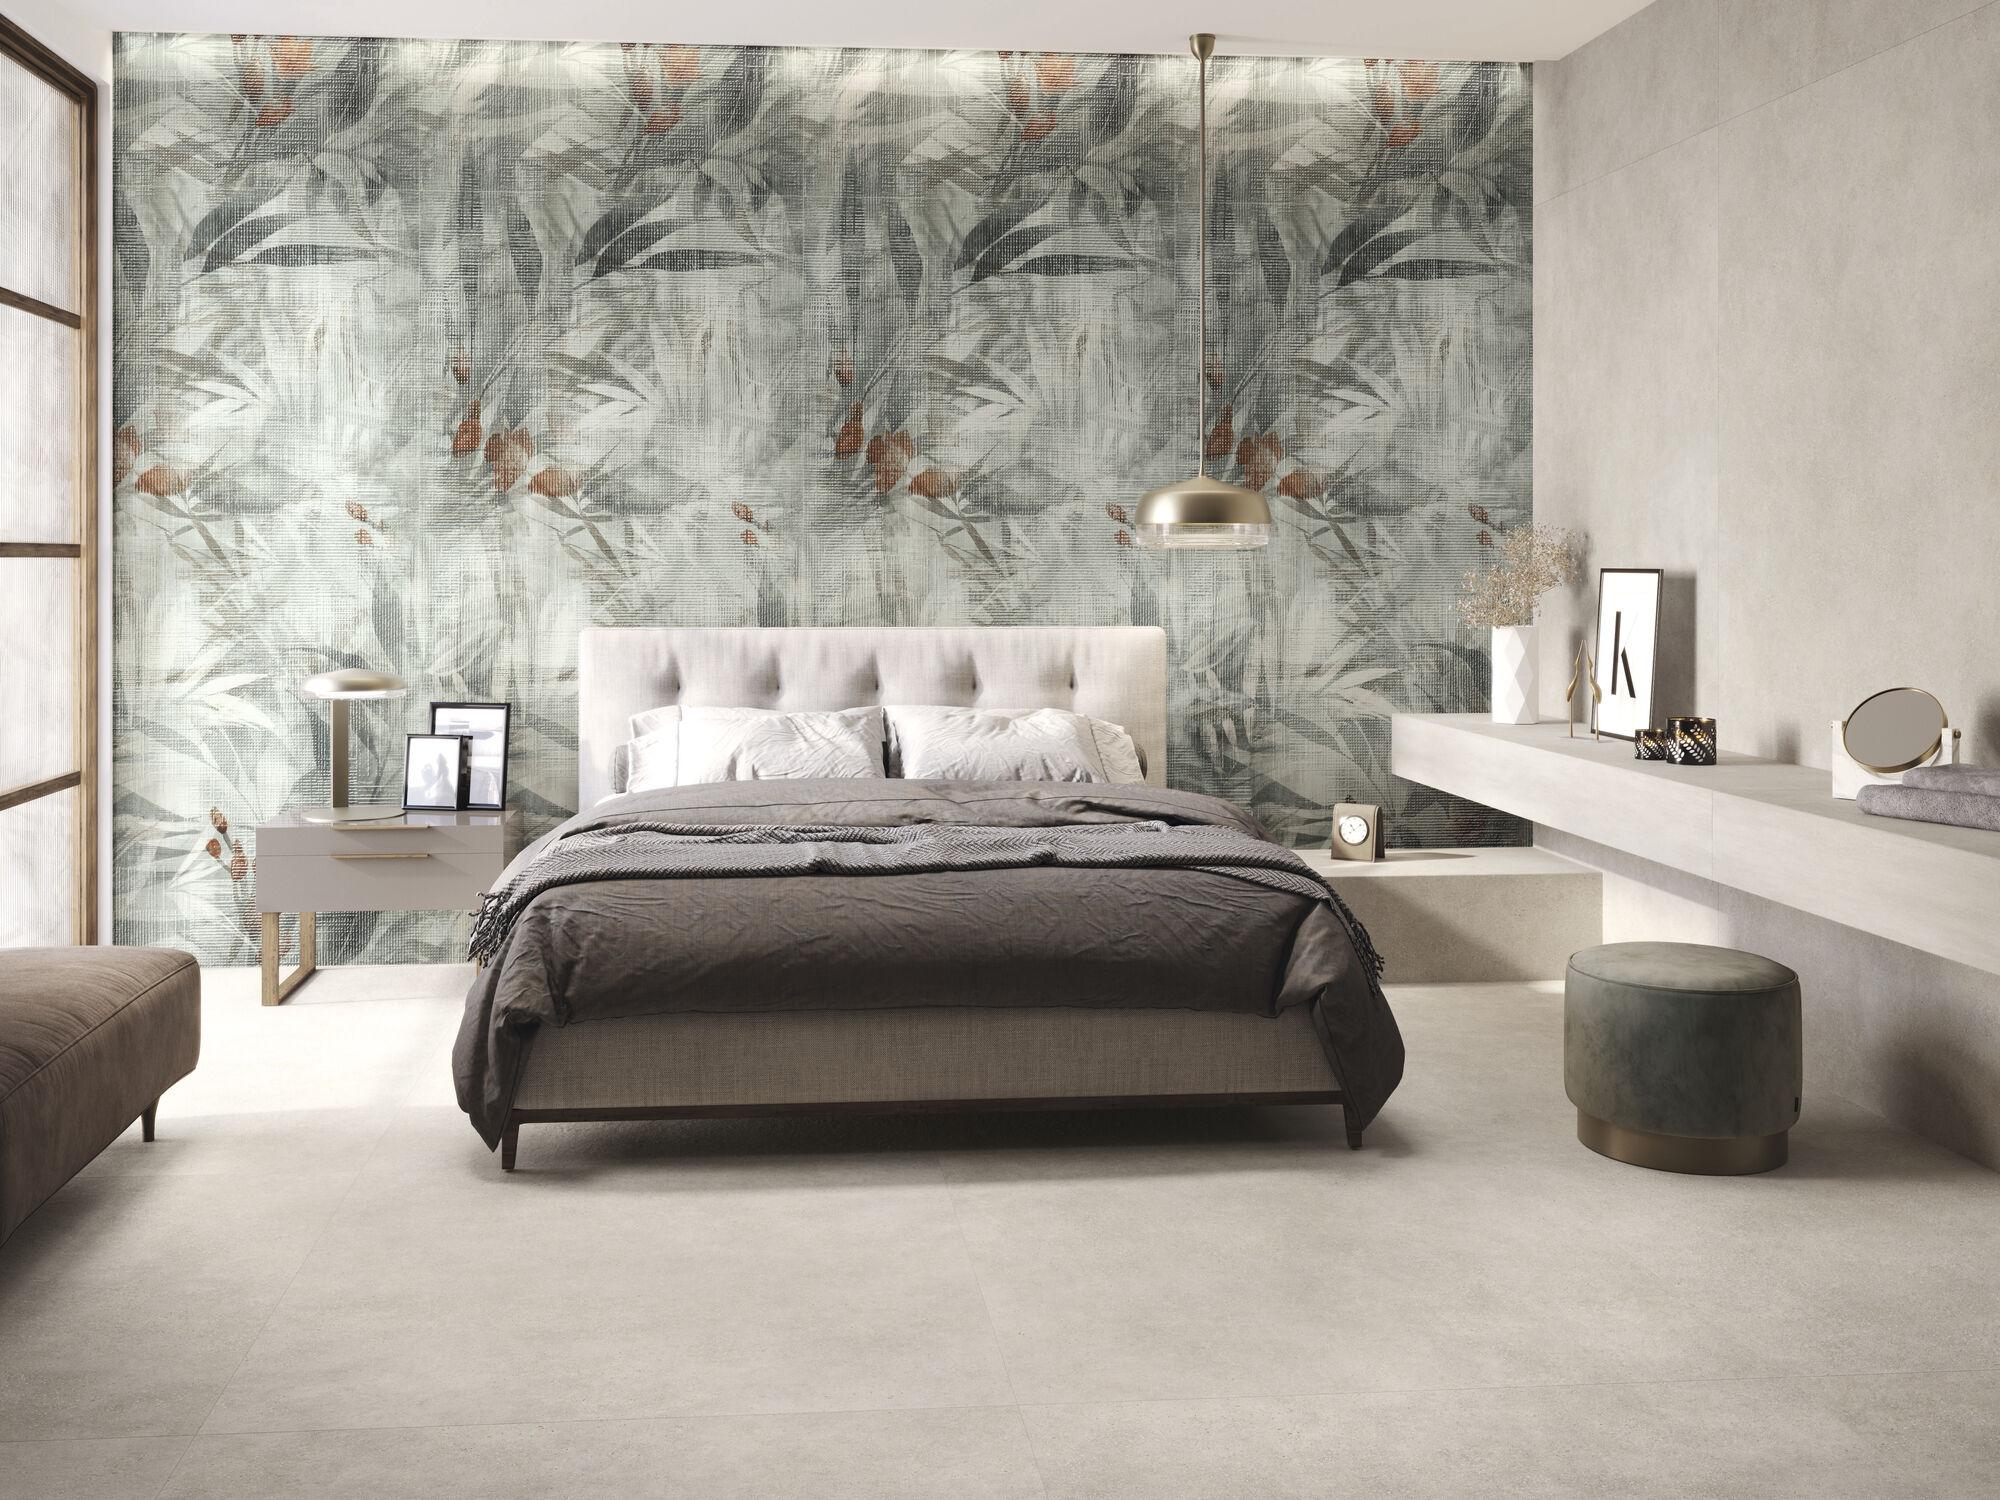 Blossom 260 x 120 cm. Asphalt Off White 260 x 120 cm. Pavimento Asphalt Off White 120 x 120 cm.